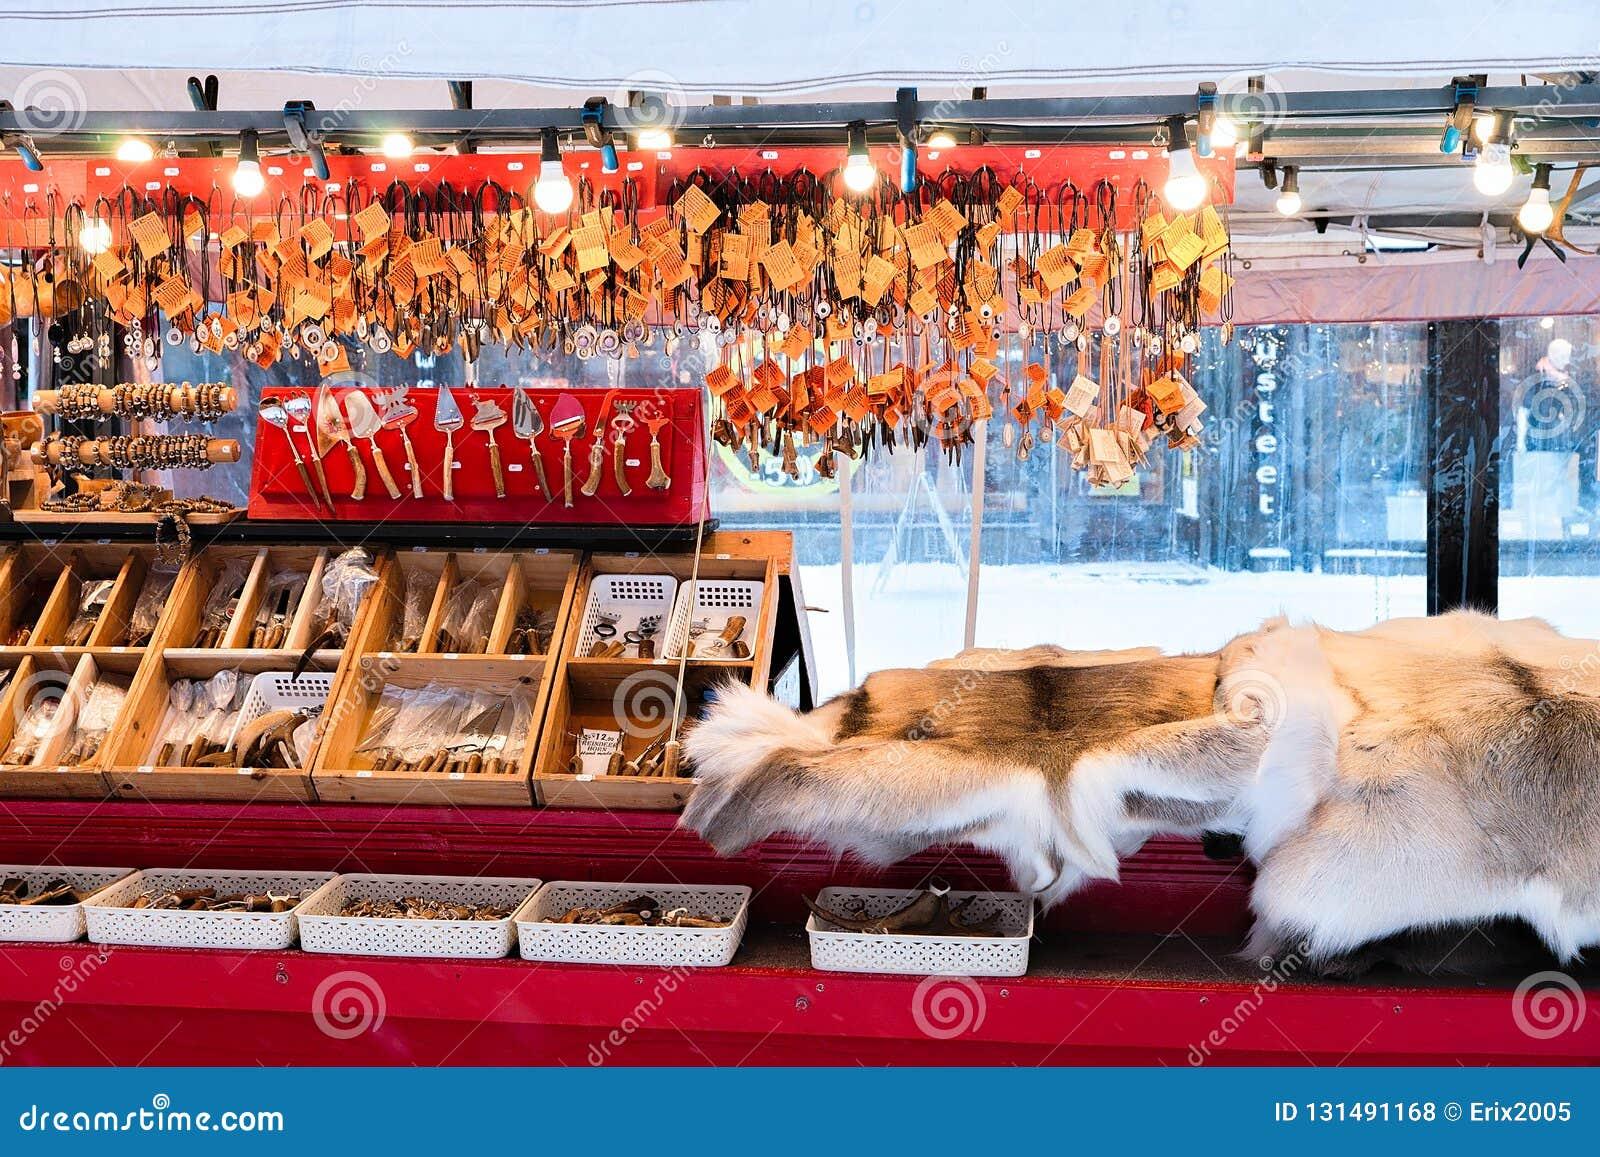 Ροβανιέμι, Φινλανδία - 2 Μαρτίου 2017: Αναμνηστικά χειμερινού Saami όπως η γούνα και τα κέρατα ταράνδων στη φινλανδική αγορά Χρισ